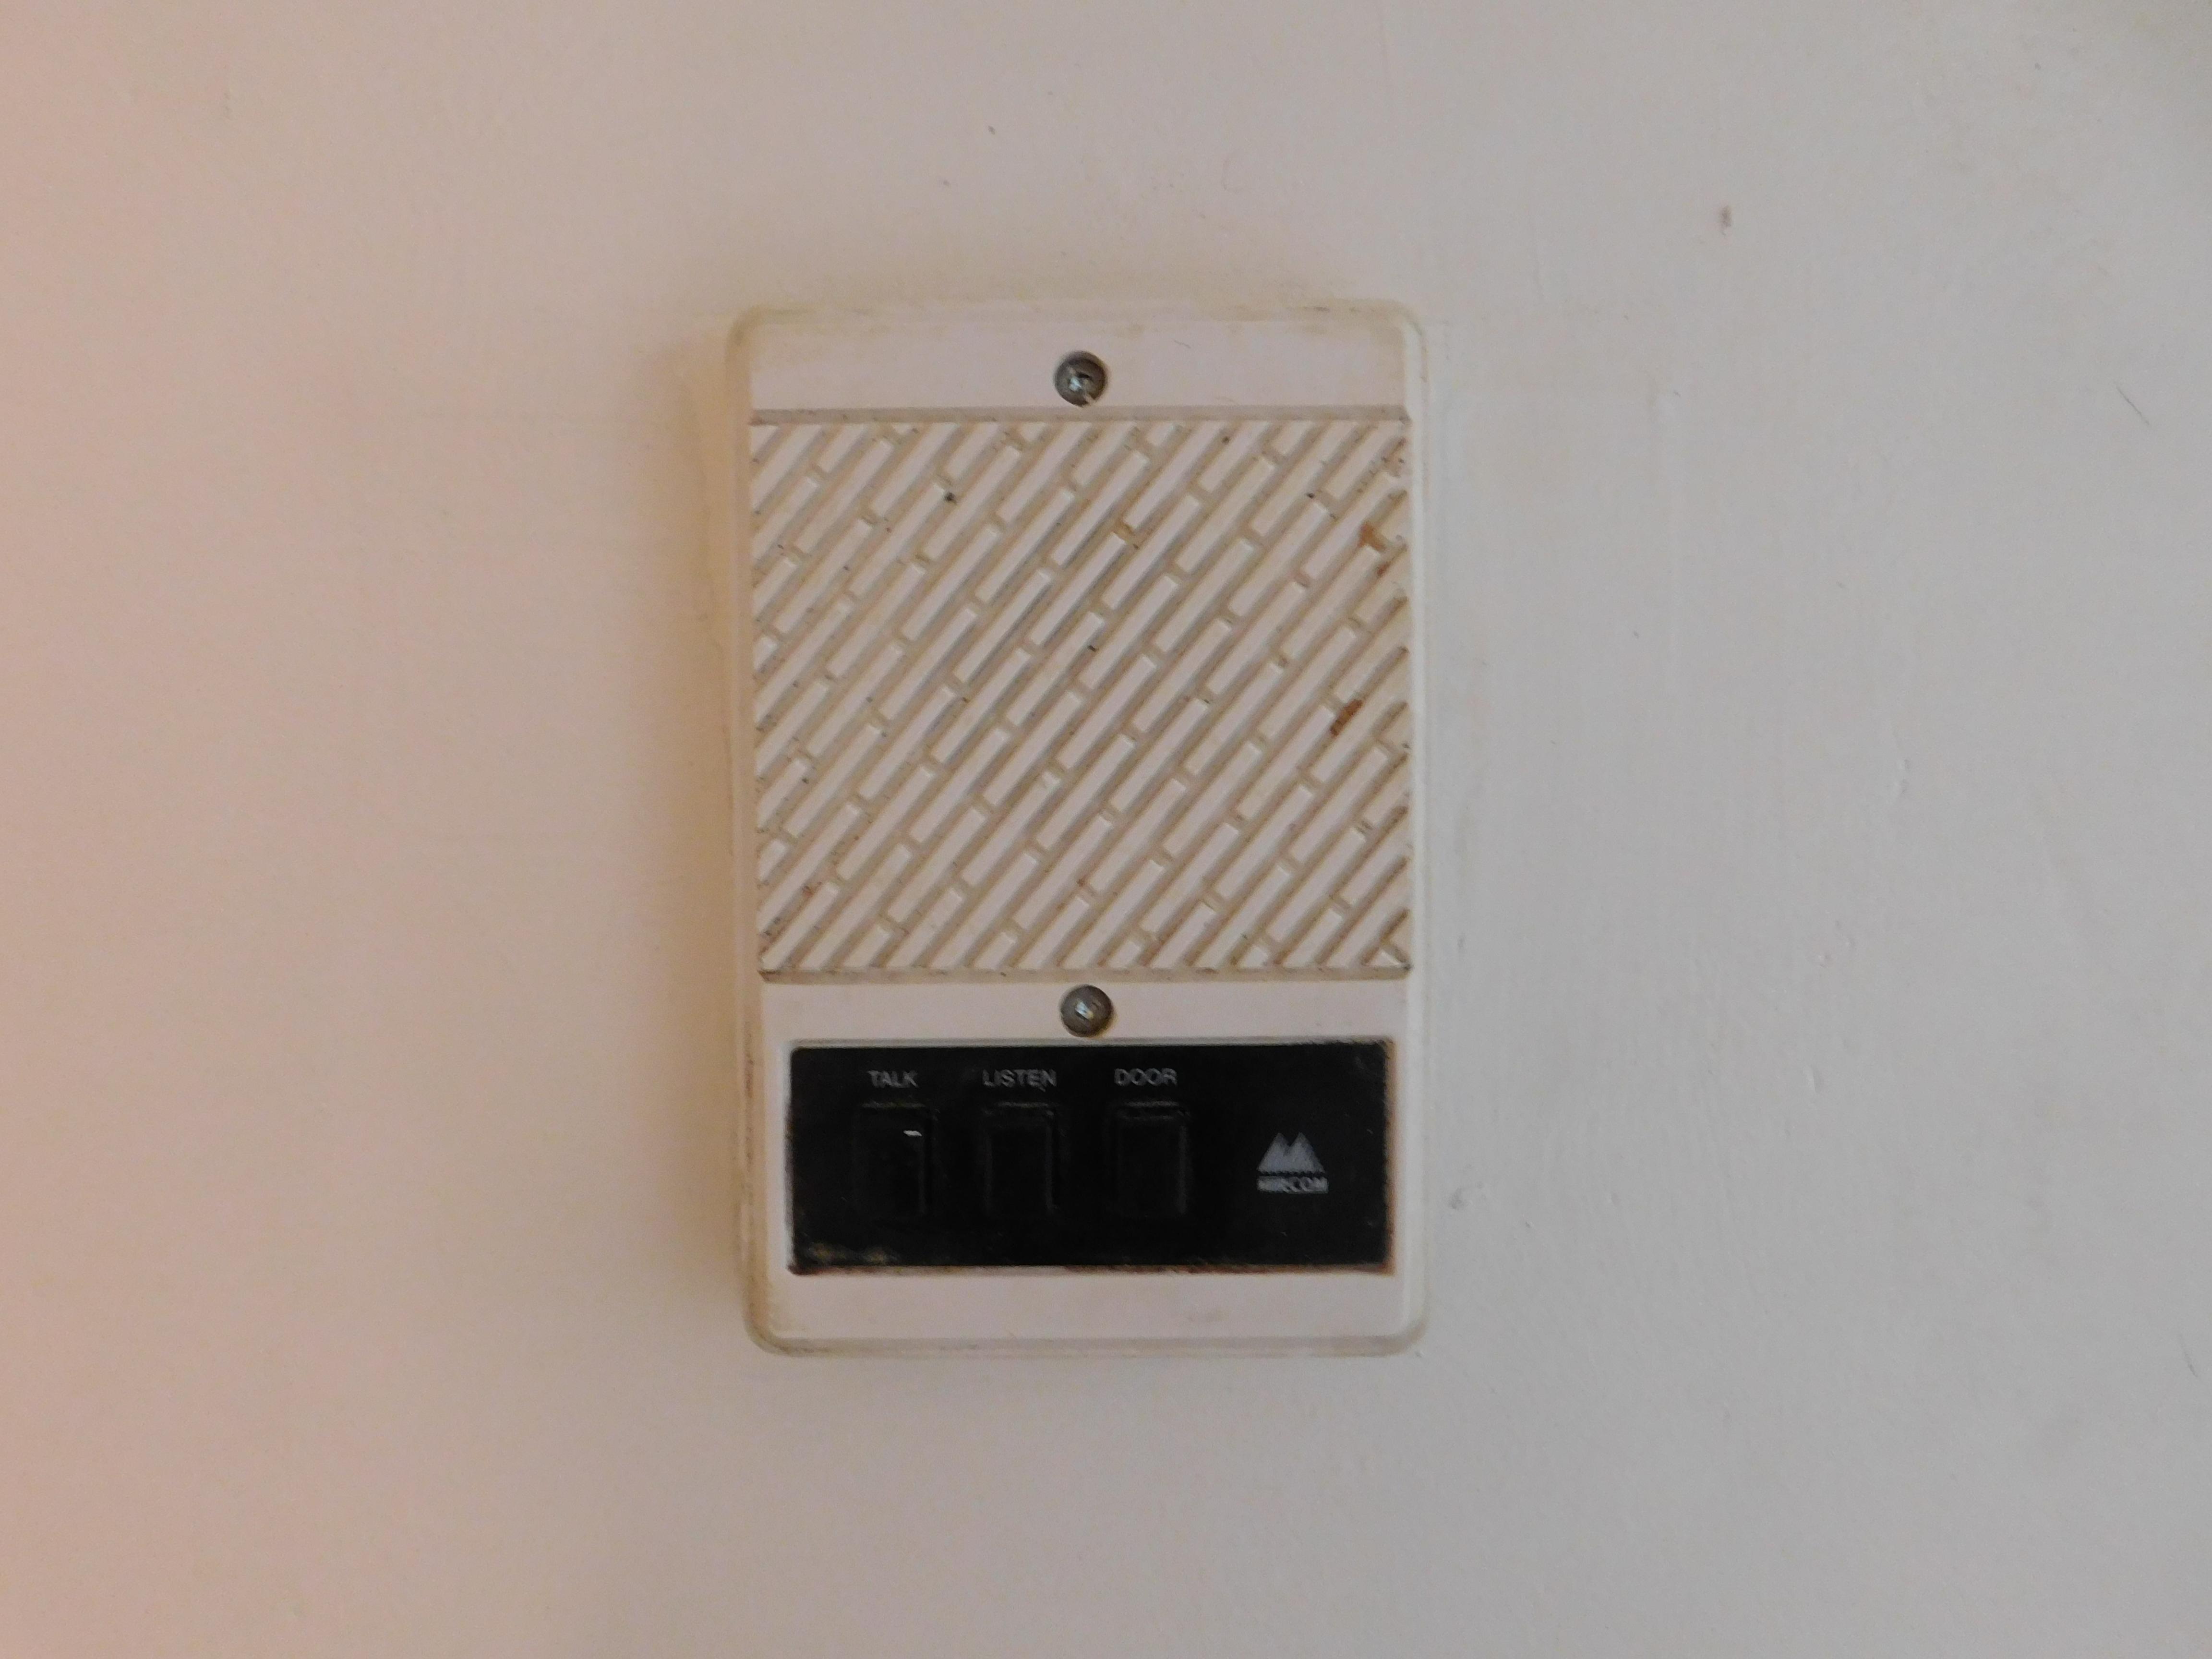 Intercom/Door Buzzer